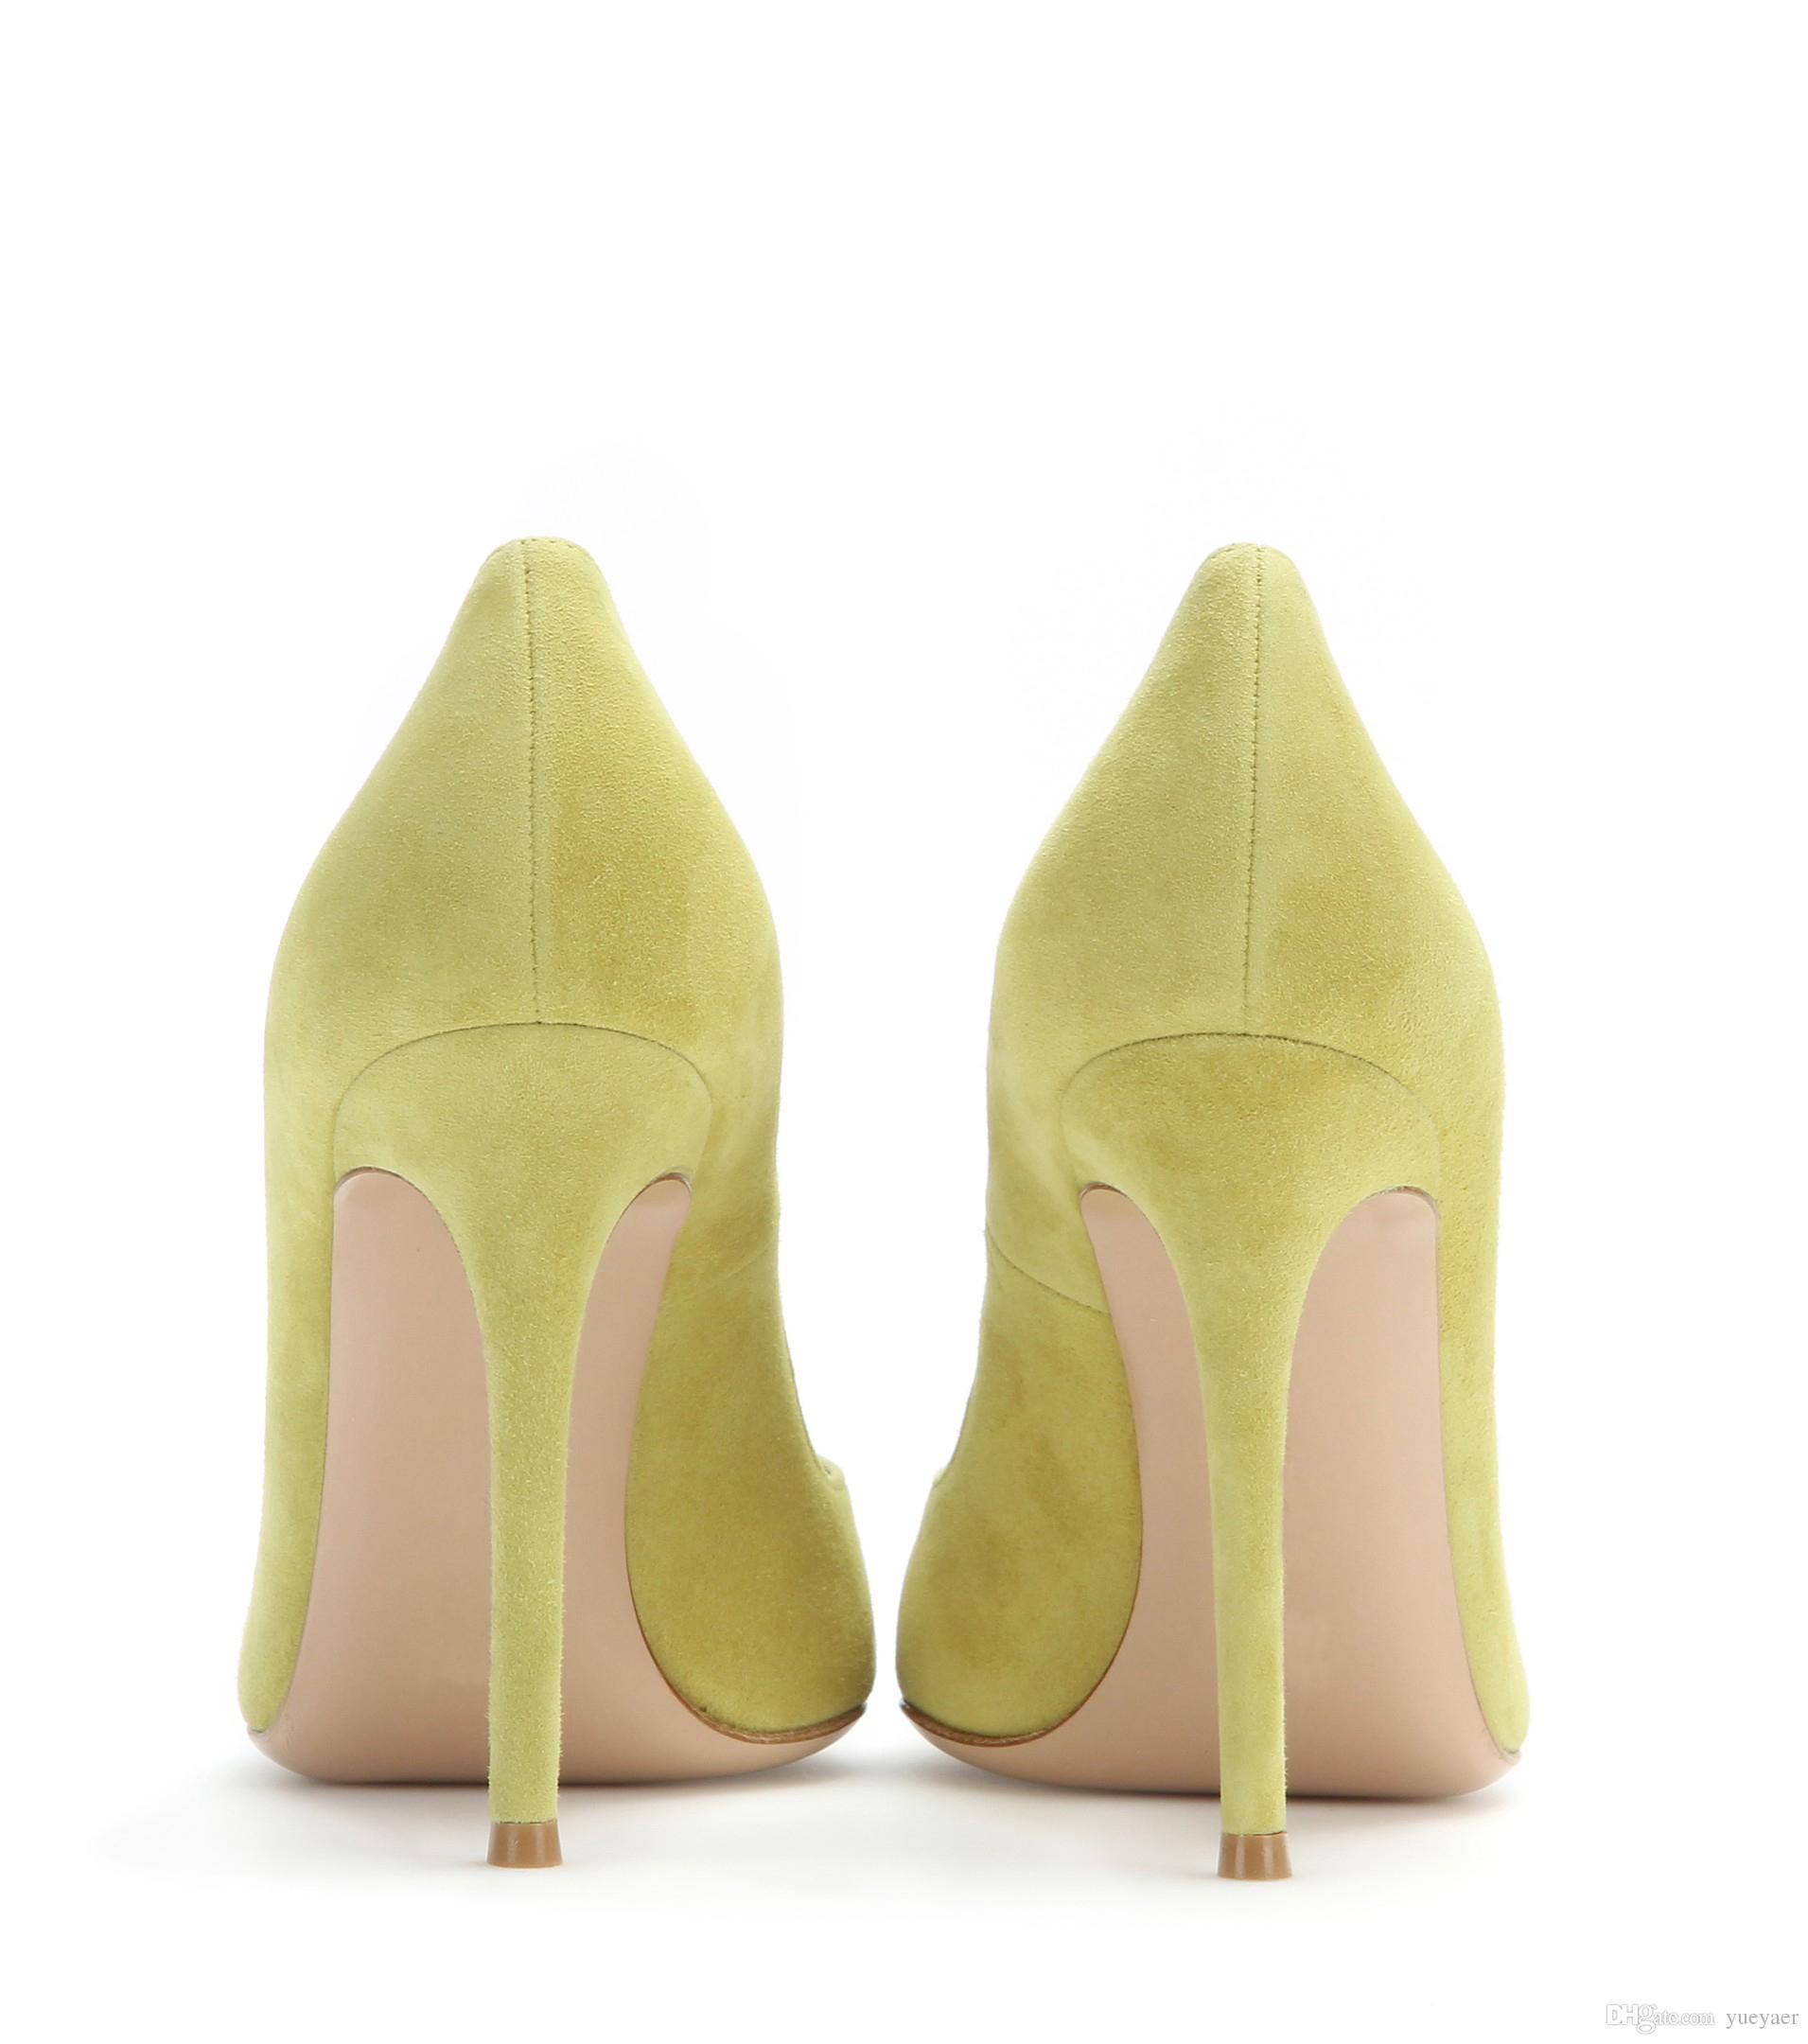 Zandina Dames À La Main De Mode Élégant 100mm Pointu Basique De Bureau Parti Prom High Heel Pumps Chaussures Citron